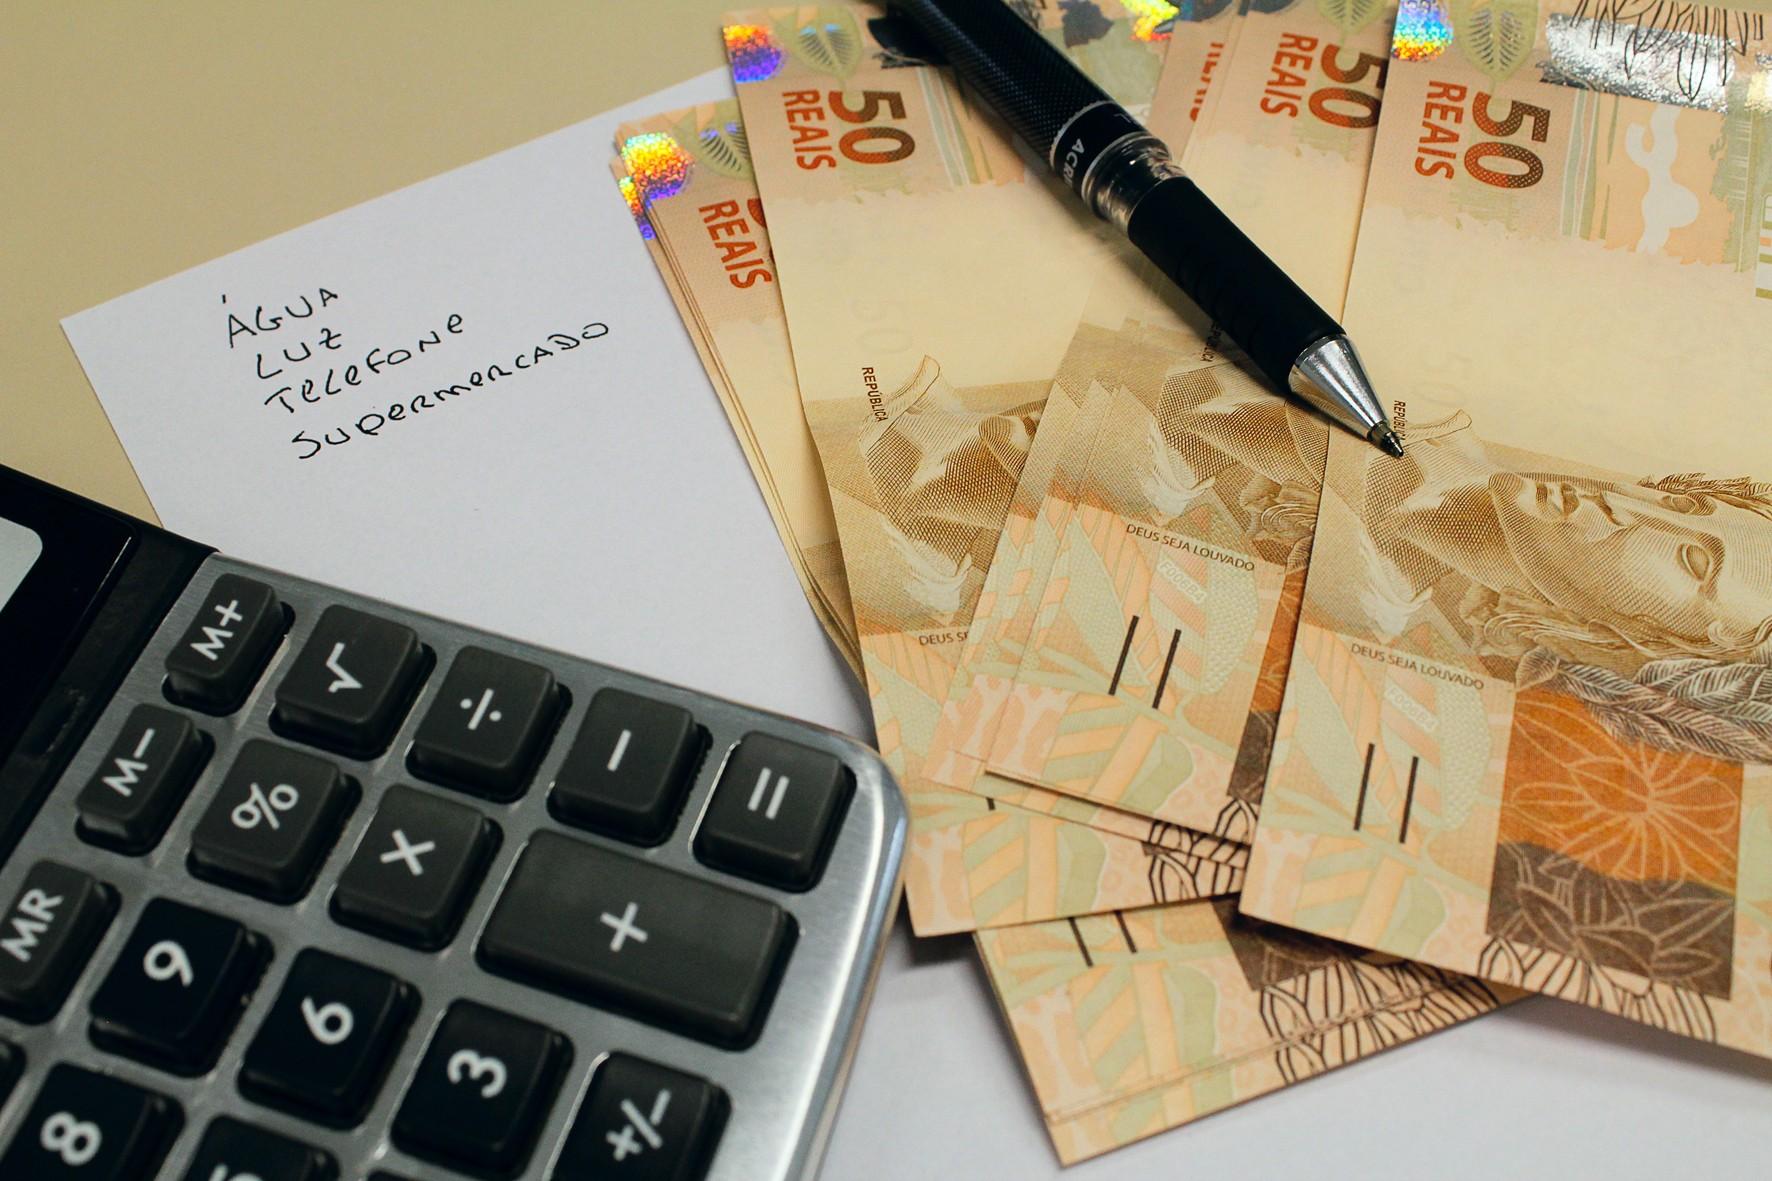 Cédulas de real e uma calculadora ao lado de contas. notas, dinheiro, reais, cotação, câmbio, valor, economia, crise, pobreza. -HN-